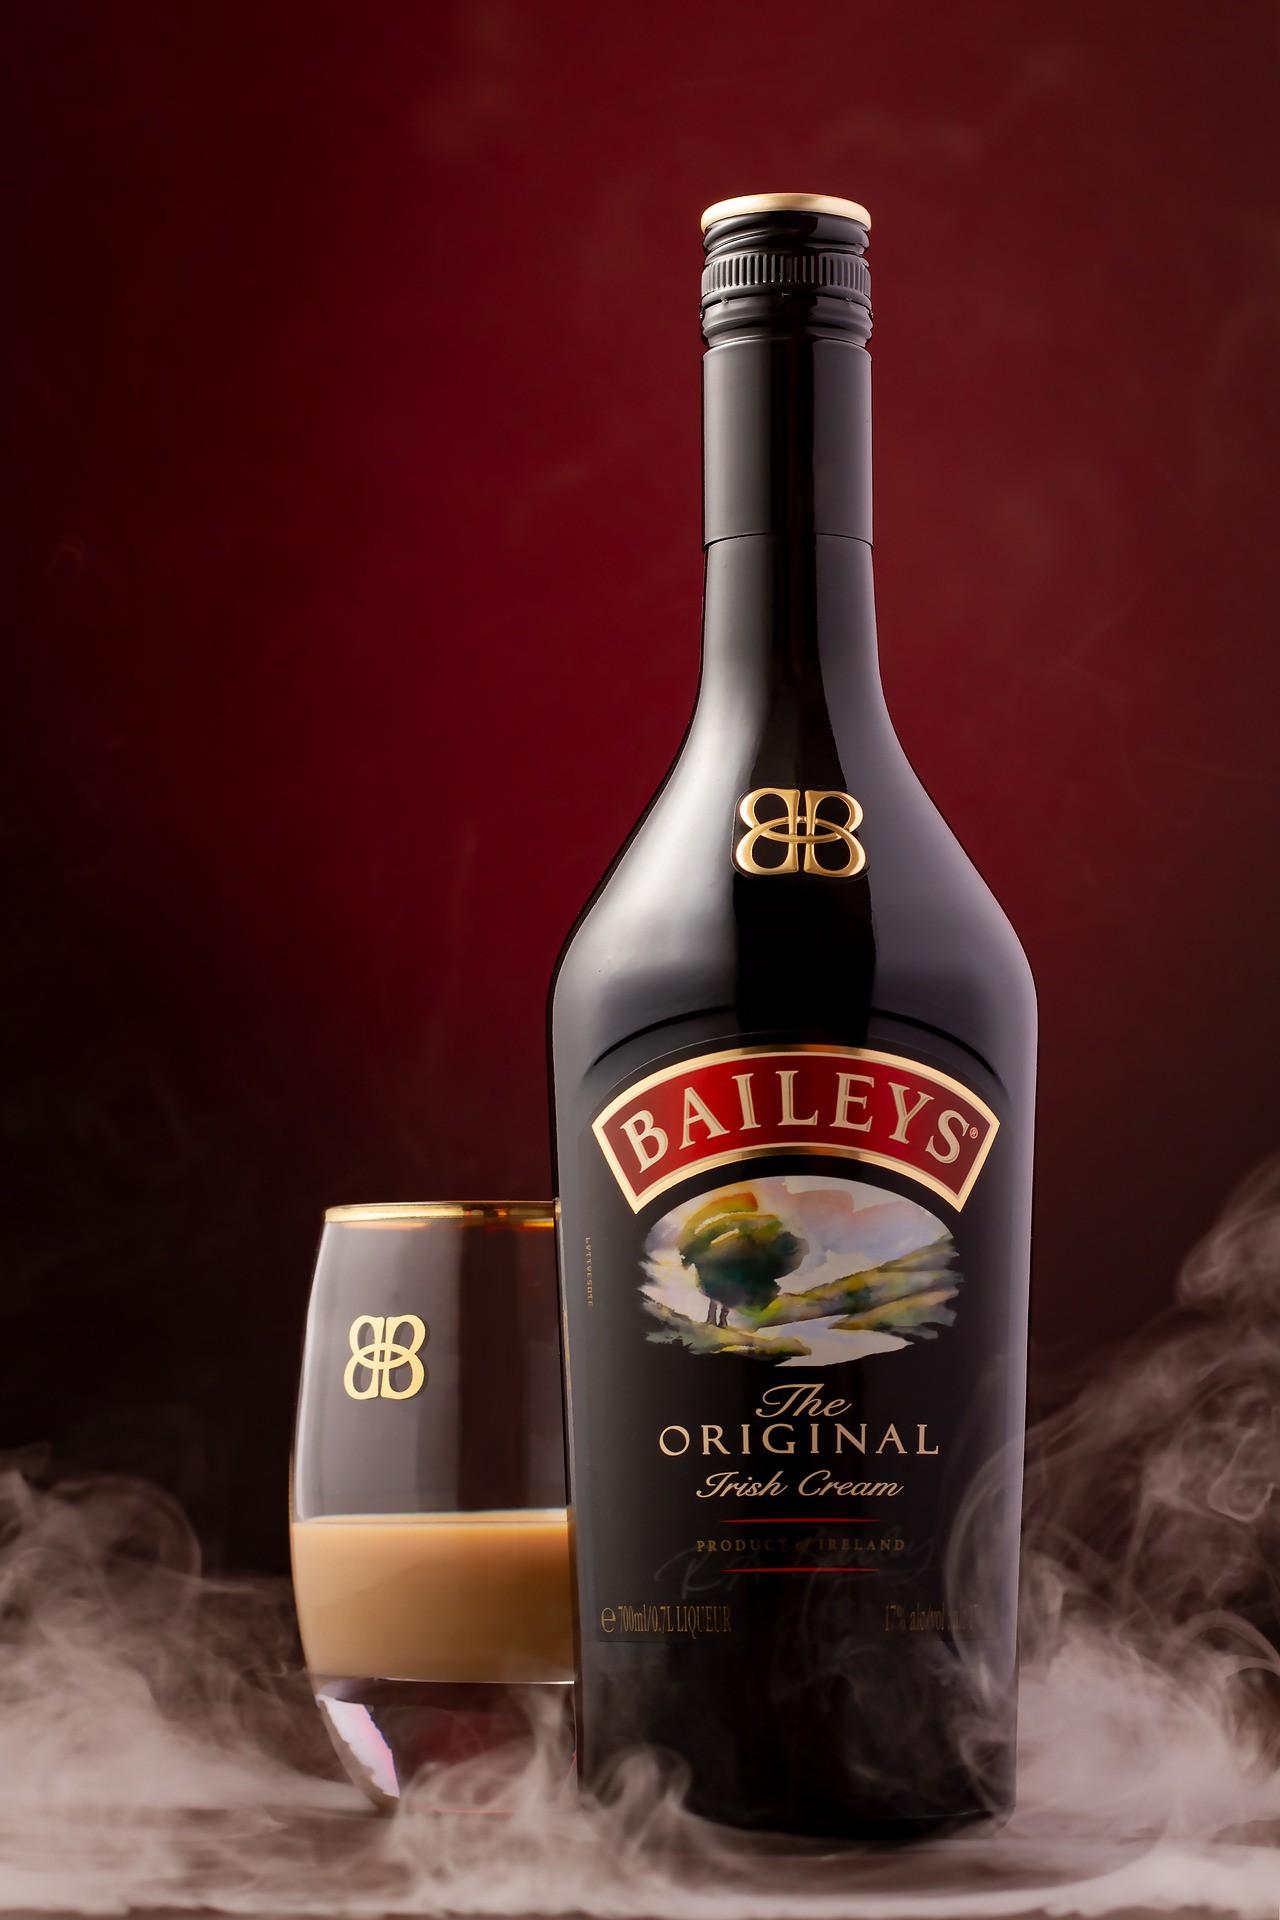 Domowa wersja irlandzkiego alkoholu – przepis na Baileys likier